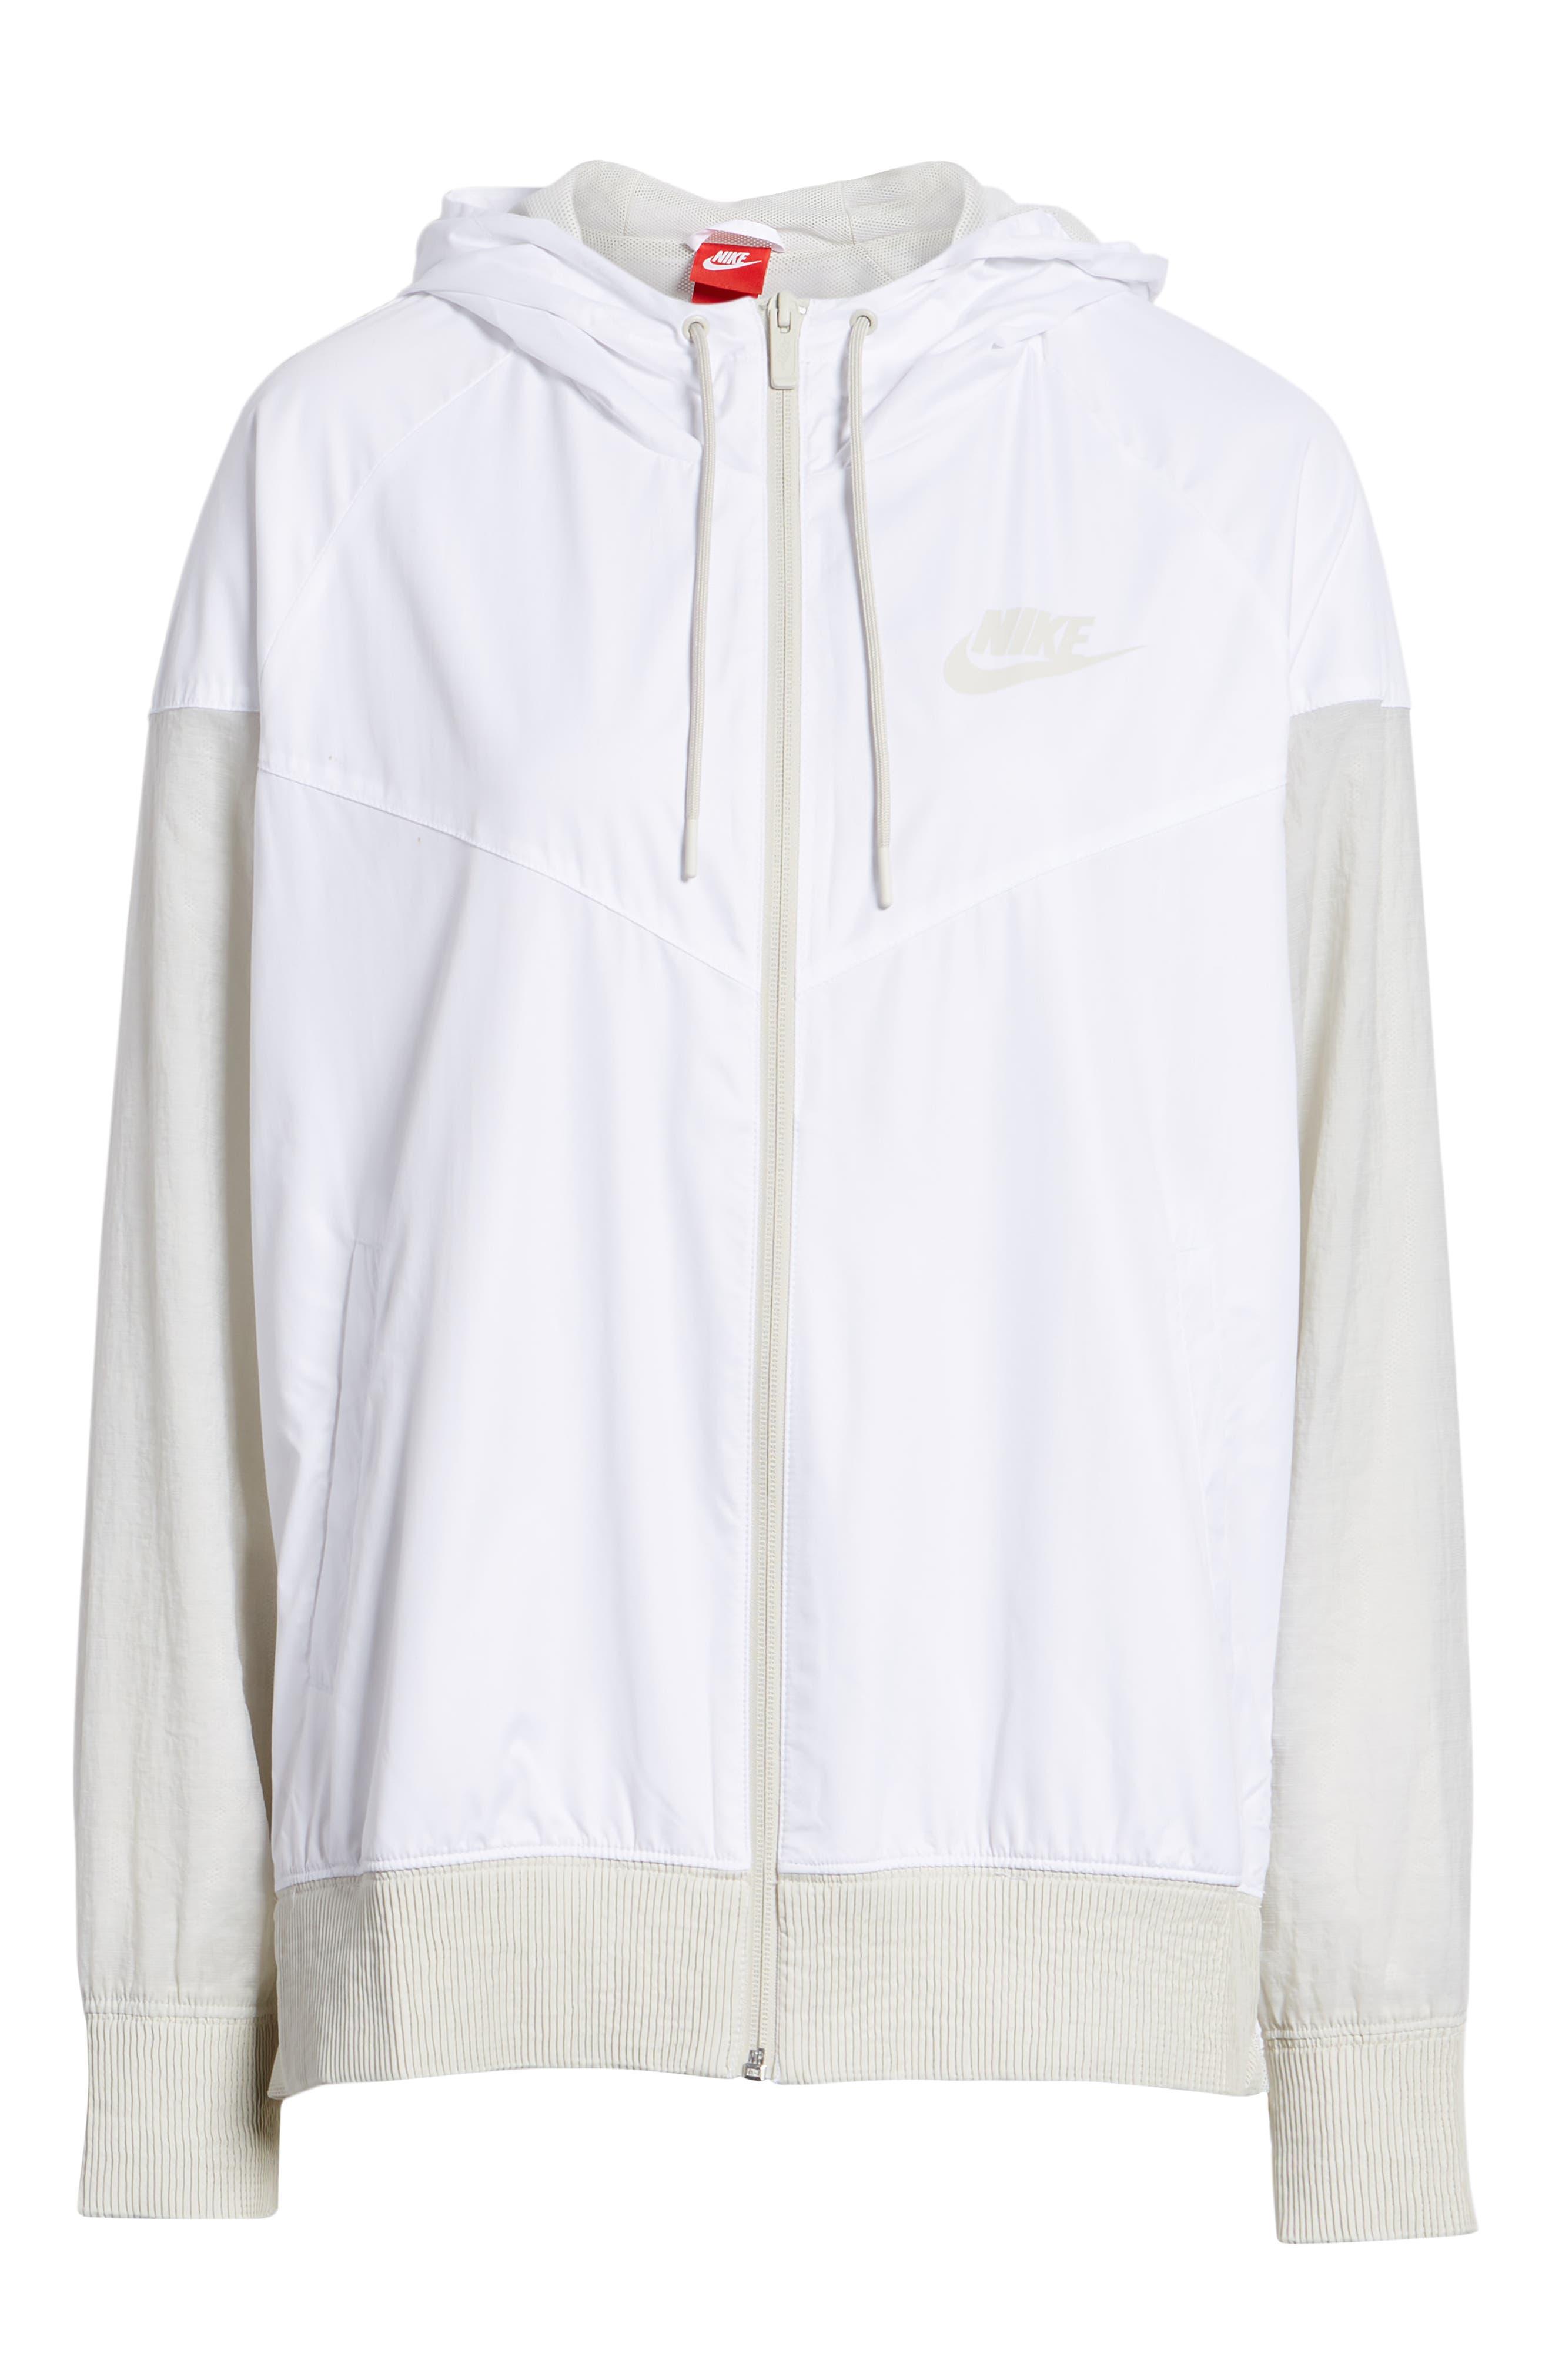 Sportswear Women's Windrunner Water Repellent Jacket,                             Main thumbnail 1, color,                             WHITE/ LIGHT BONE/ LIGHT BONE